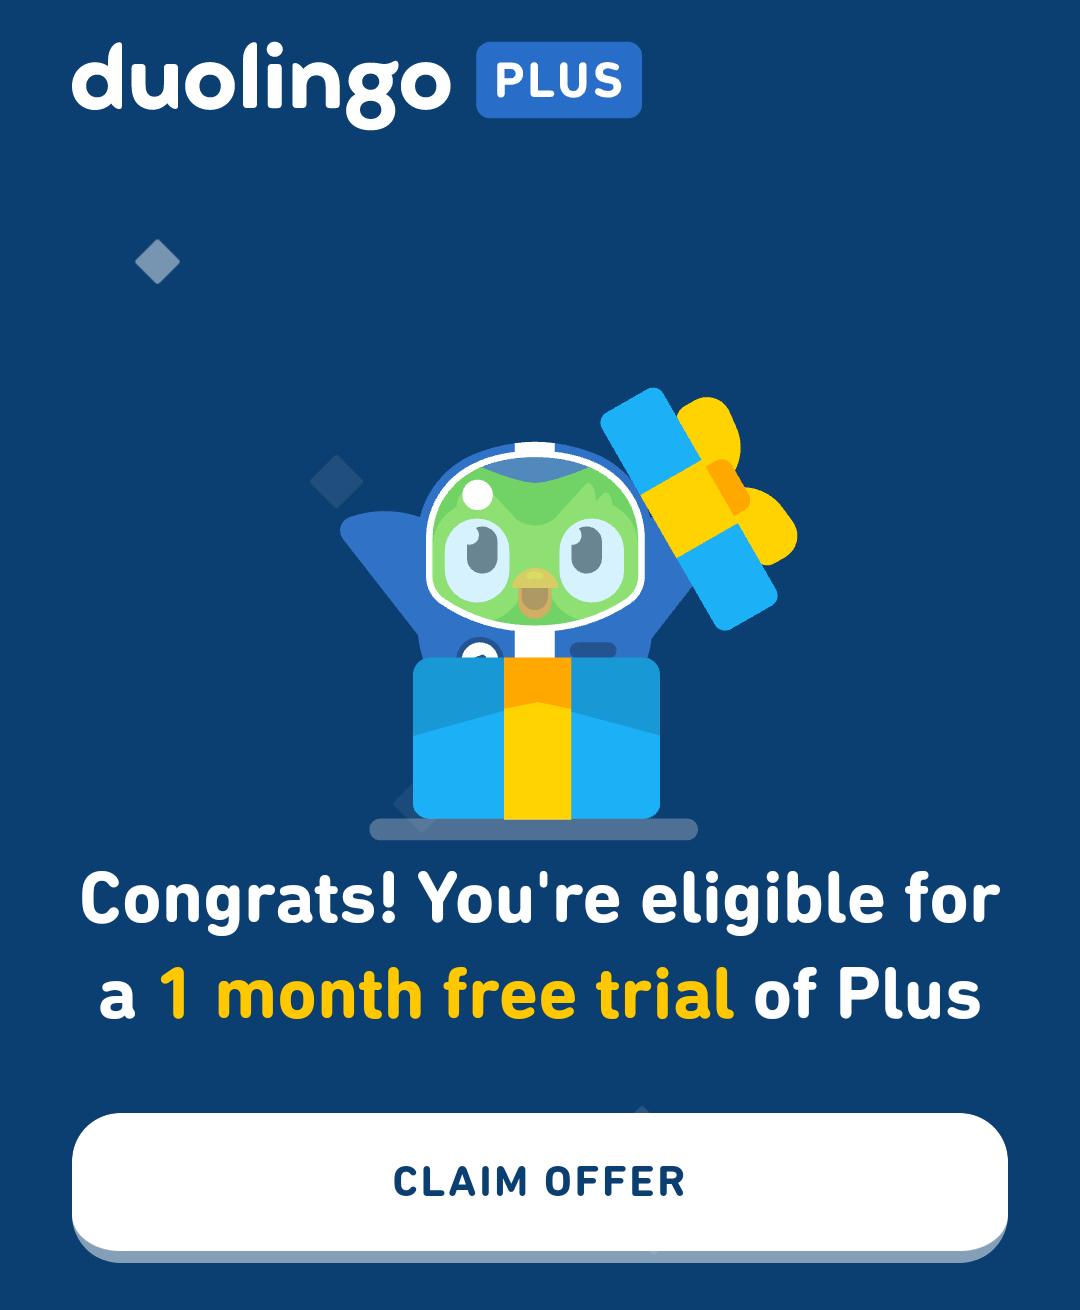 1 mes de Duolingo Plus gracias a tinder